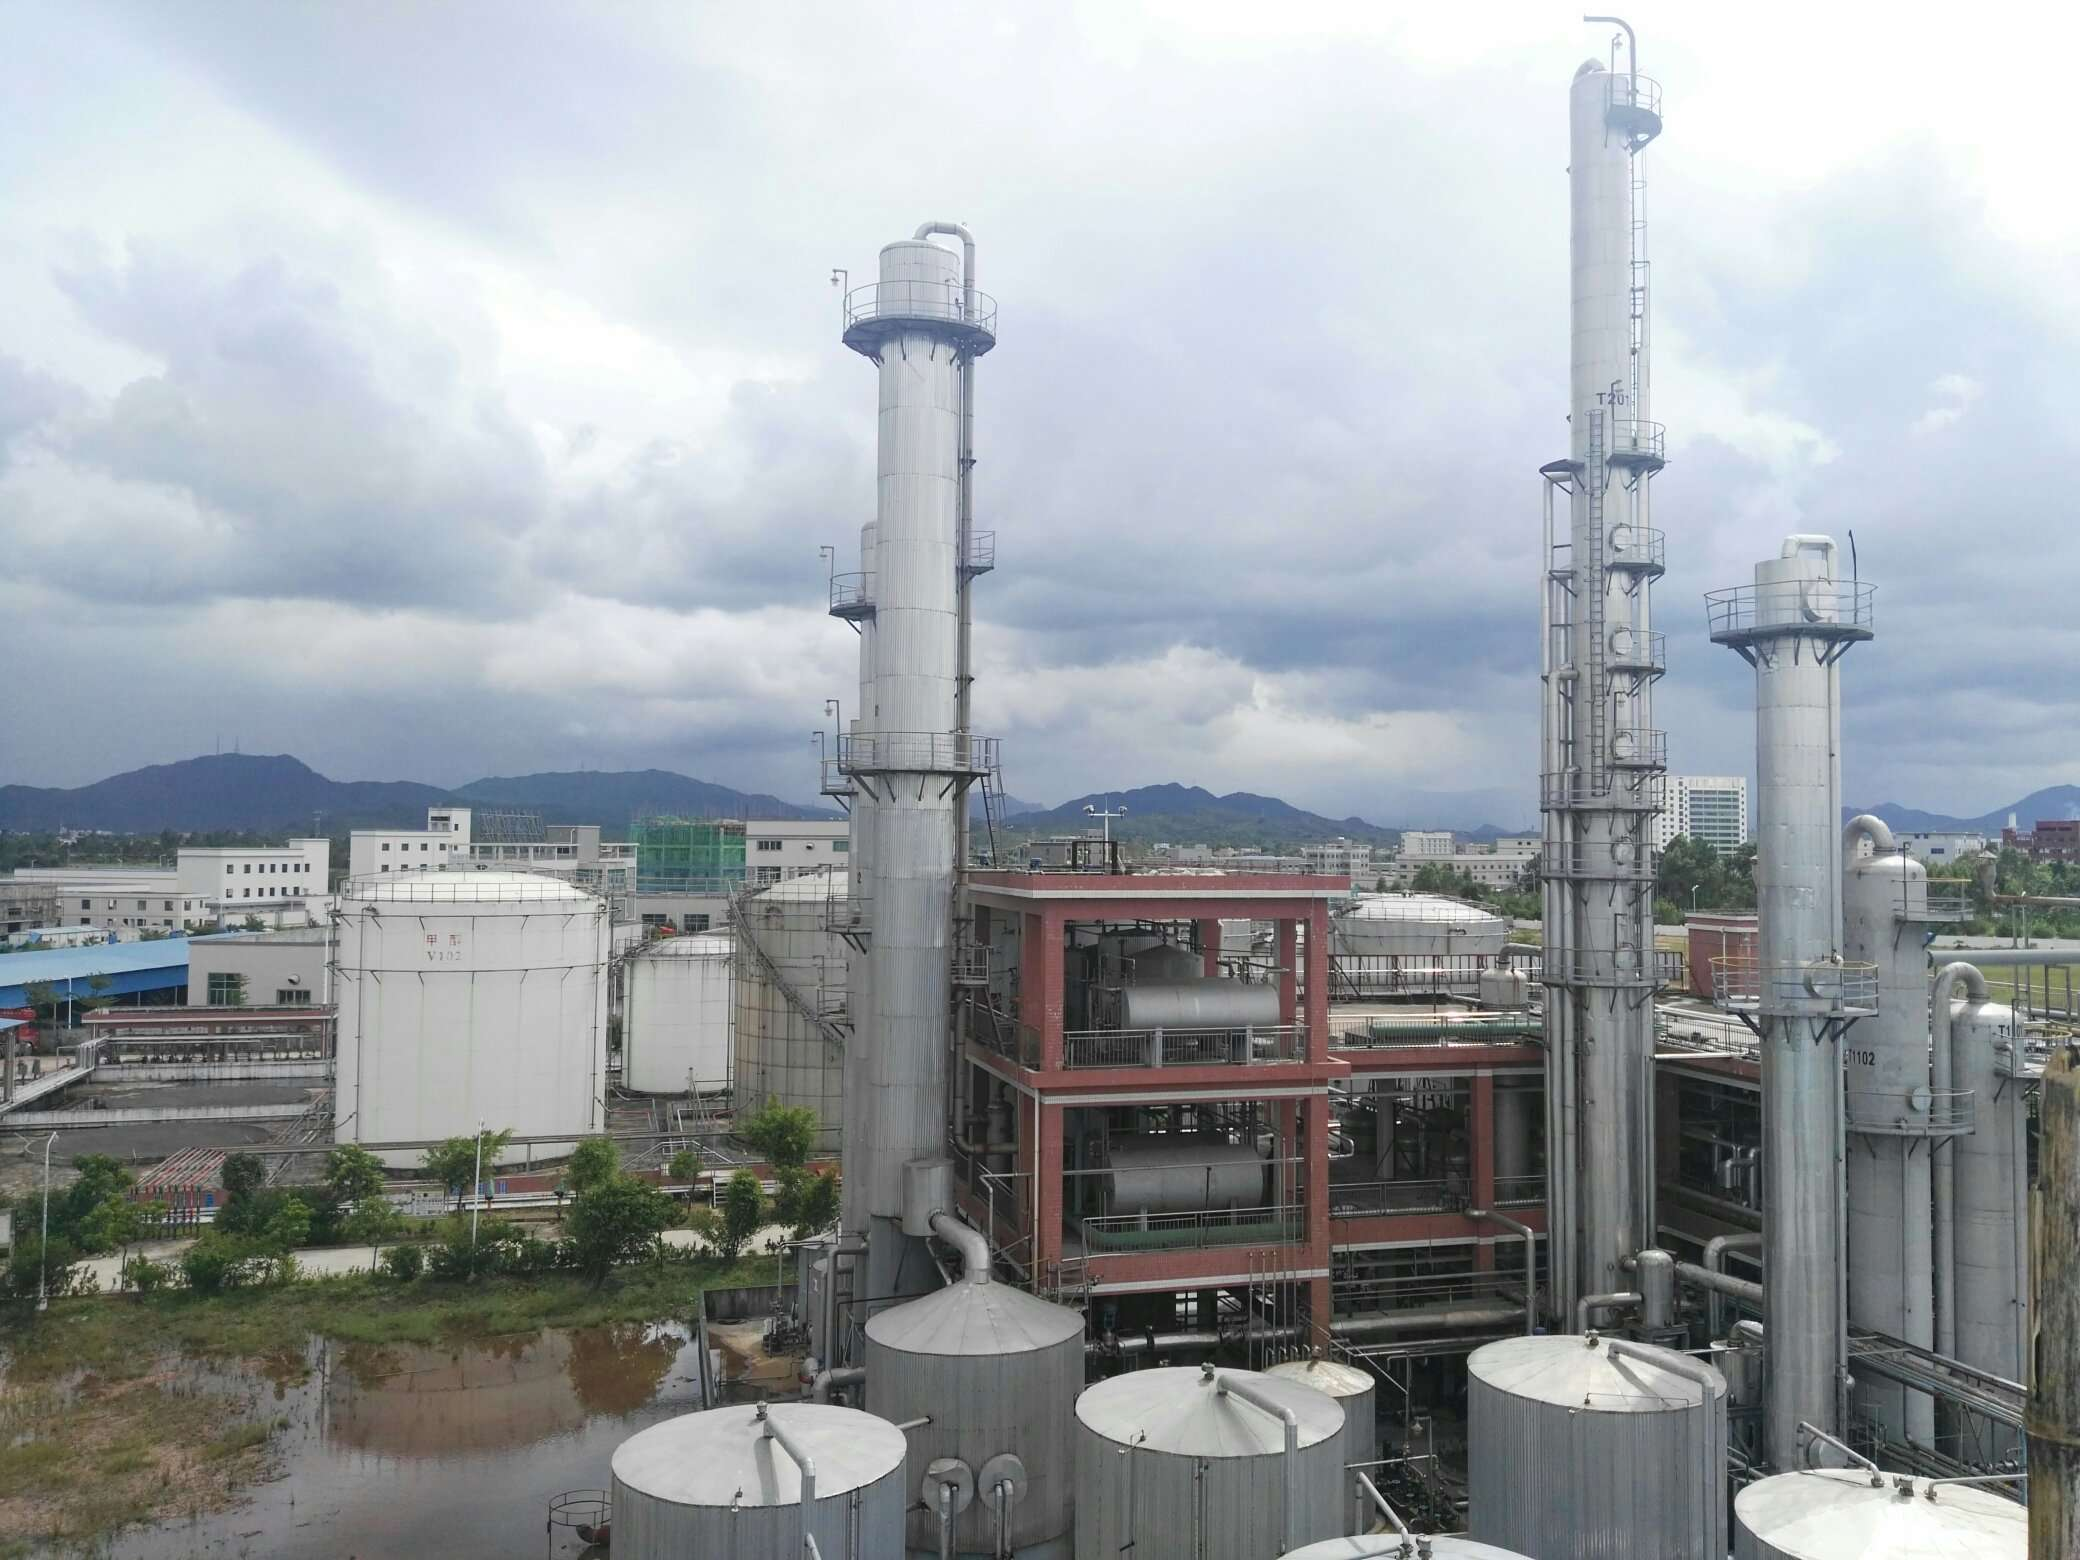 肇庆市利而安实业有限公司年产25万吨化工产品建设项目